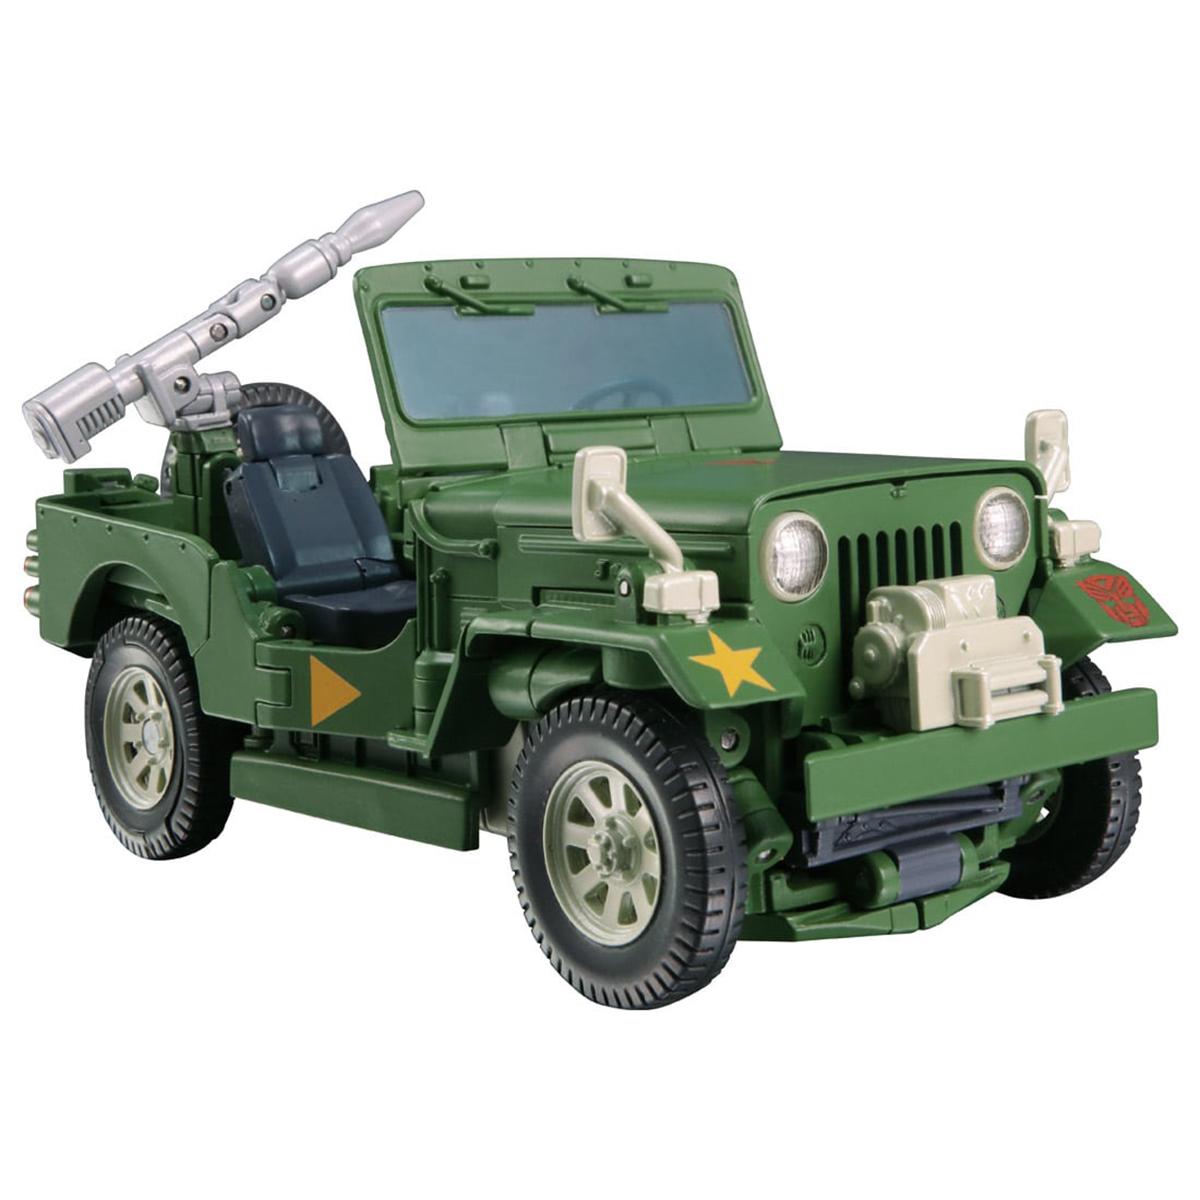 トランスフォーマー マスターピース『MP-47 ハウンド』可変可動フィギュア-005